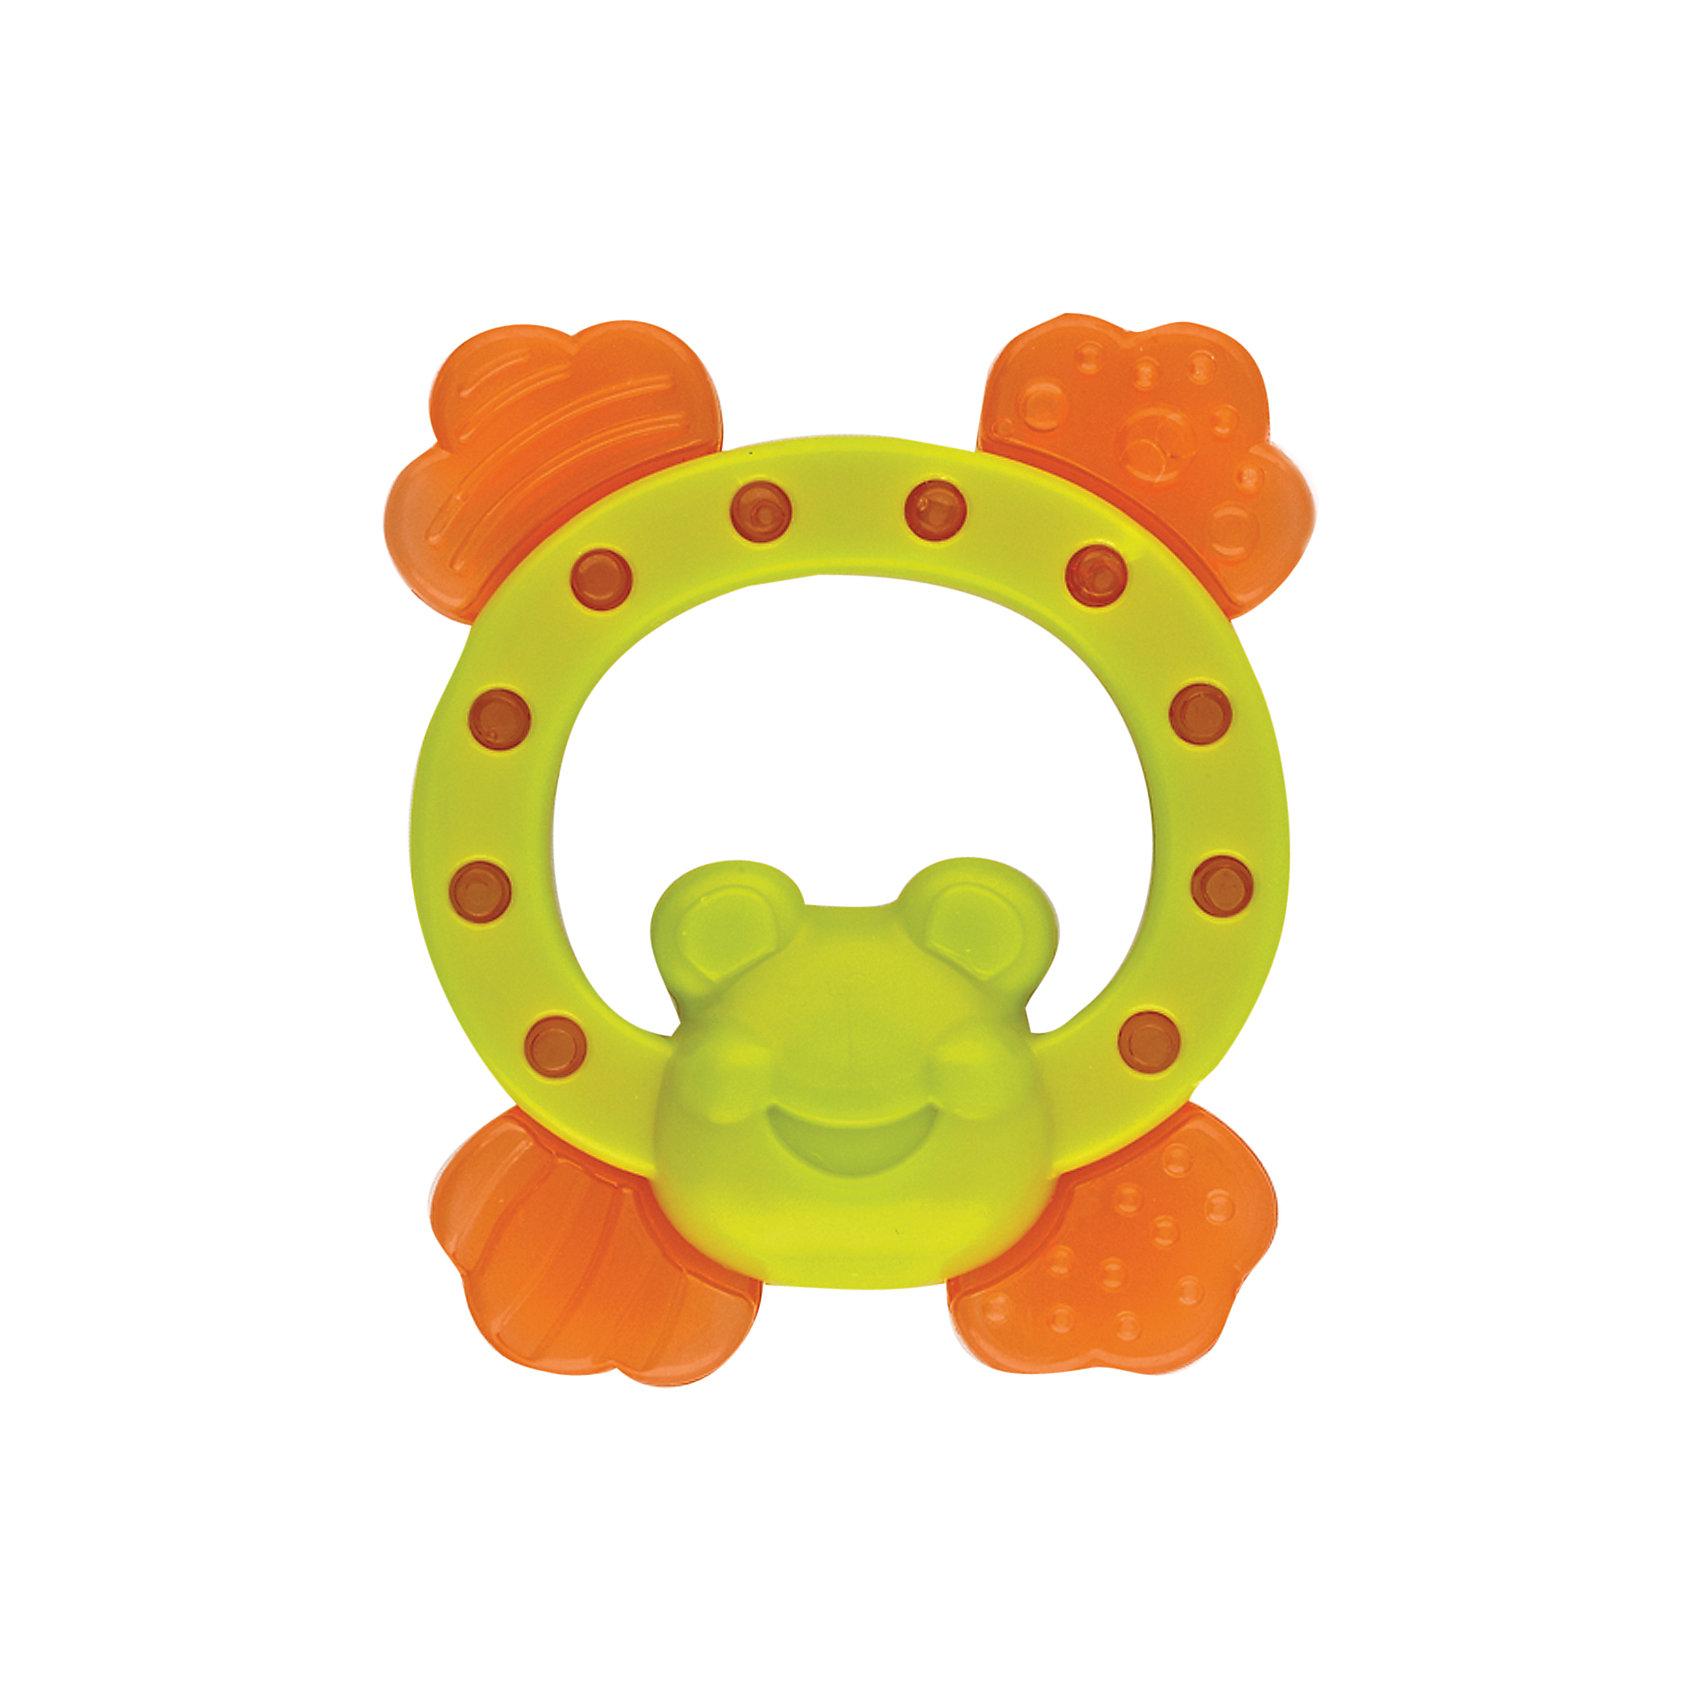 Игрушка с водой Лягушка, KurnosikiИгрушки для ванны<br>Характеристики:<br><br>• Назначение: прорезыватель<br>• Пол: универсальный<br>• Материал: пластик, вода<br>• Цвет: зеленый, оранжевый<br>• Наличие выпуклых элементов разной формы и фактуры <br>• Вес: 105 г<br>• Параметры (Д*Ш*В): 10,5*9*2,5 см <br>• Упаковка: блистер c с европодвесом<br><br>Игрушка с водой Лягушка, Kurnosiki выполнена из пластика различной фактуры. Корпус прорезывателя представляет собой лягушку, лапки которой выполнены из мягкого полимера, наполненного водой. Поверхность лягушки с выпуклыми элементами различной формы обеспечивает массаж десен, а лапки с водой обладают охлаждающим эффектом. <br><br>Прорезыватель имеет эргономичную форму, благодаря чему малышу будет не только удобно держать в руках, но и развивать хватательный рефлекс. За счет деталей, выполненных в ярких цветах, прорезыватель позволит развивать цветовое и зрительное восприятие у ребенка.<br><br>Игрушку с водой Лягушка, Kurnosiki можно купить в нашем интернет-магазине.<br><br>Ширина мм: 20<br>Глубина мм: 110<br>Высота мм: 170<br>Вес г: 78<br>Возраст от месяцев: 4<br>Возраст до месяцев: 18<br>Пол: Унисекс<br>Возраст: Детский<br>SKU: 5428663